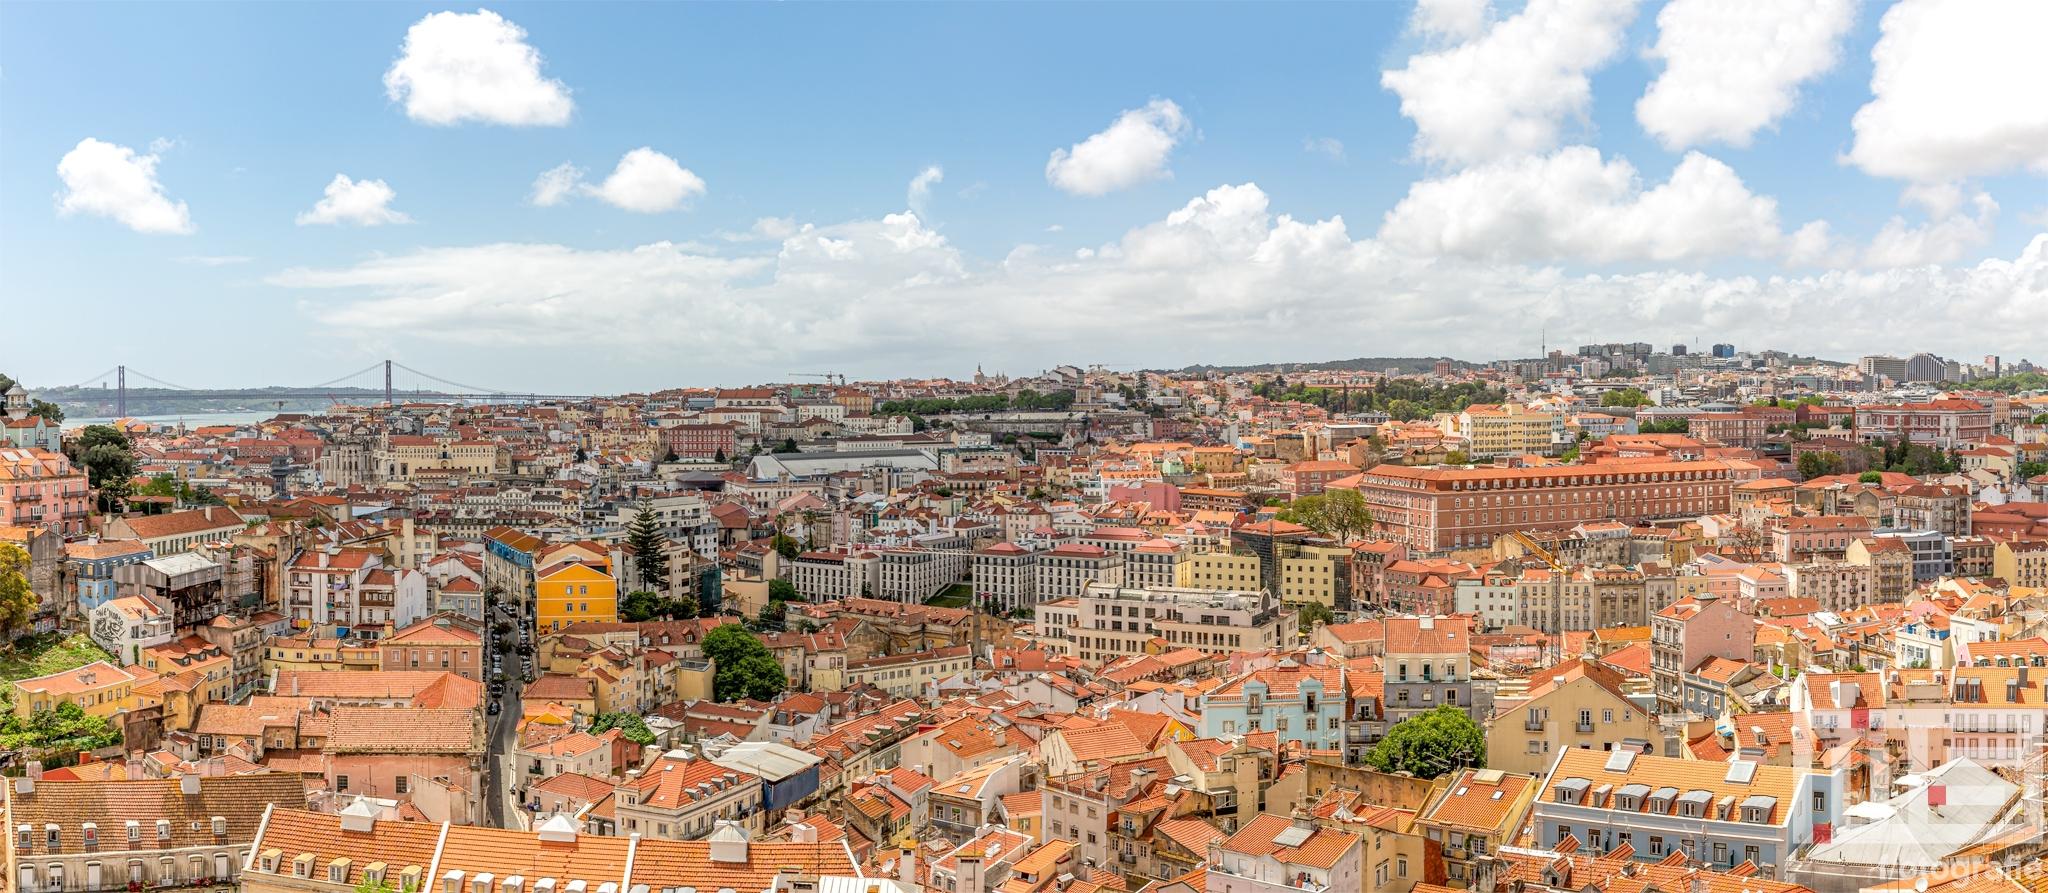 Te Koop | Een panorama van de stad Lissabon in Portugal